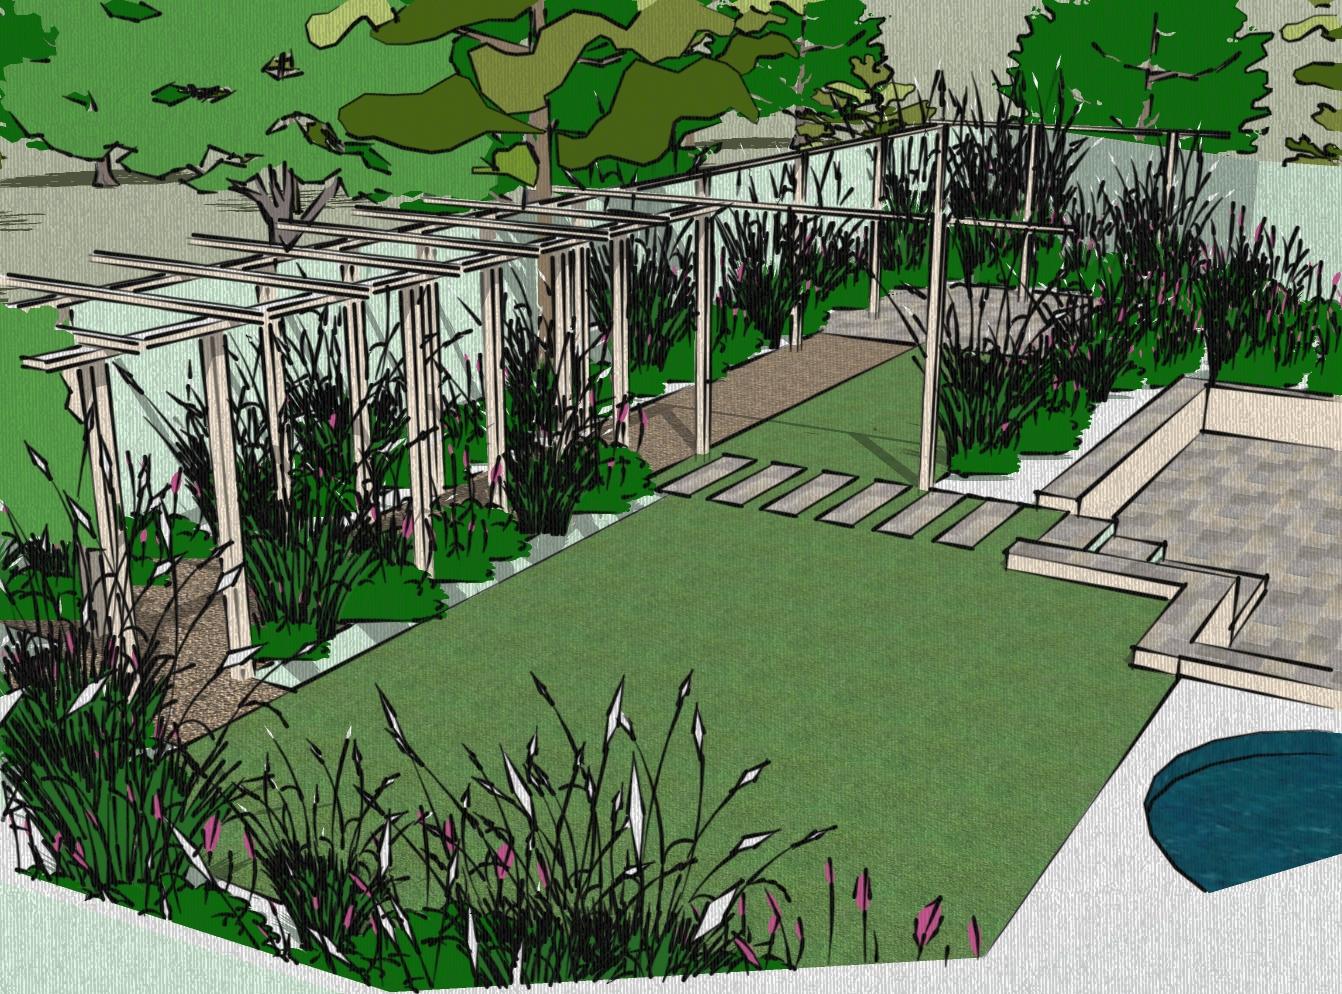 Sketching Is it over rated in Garden Design Rosewarne